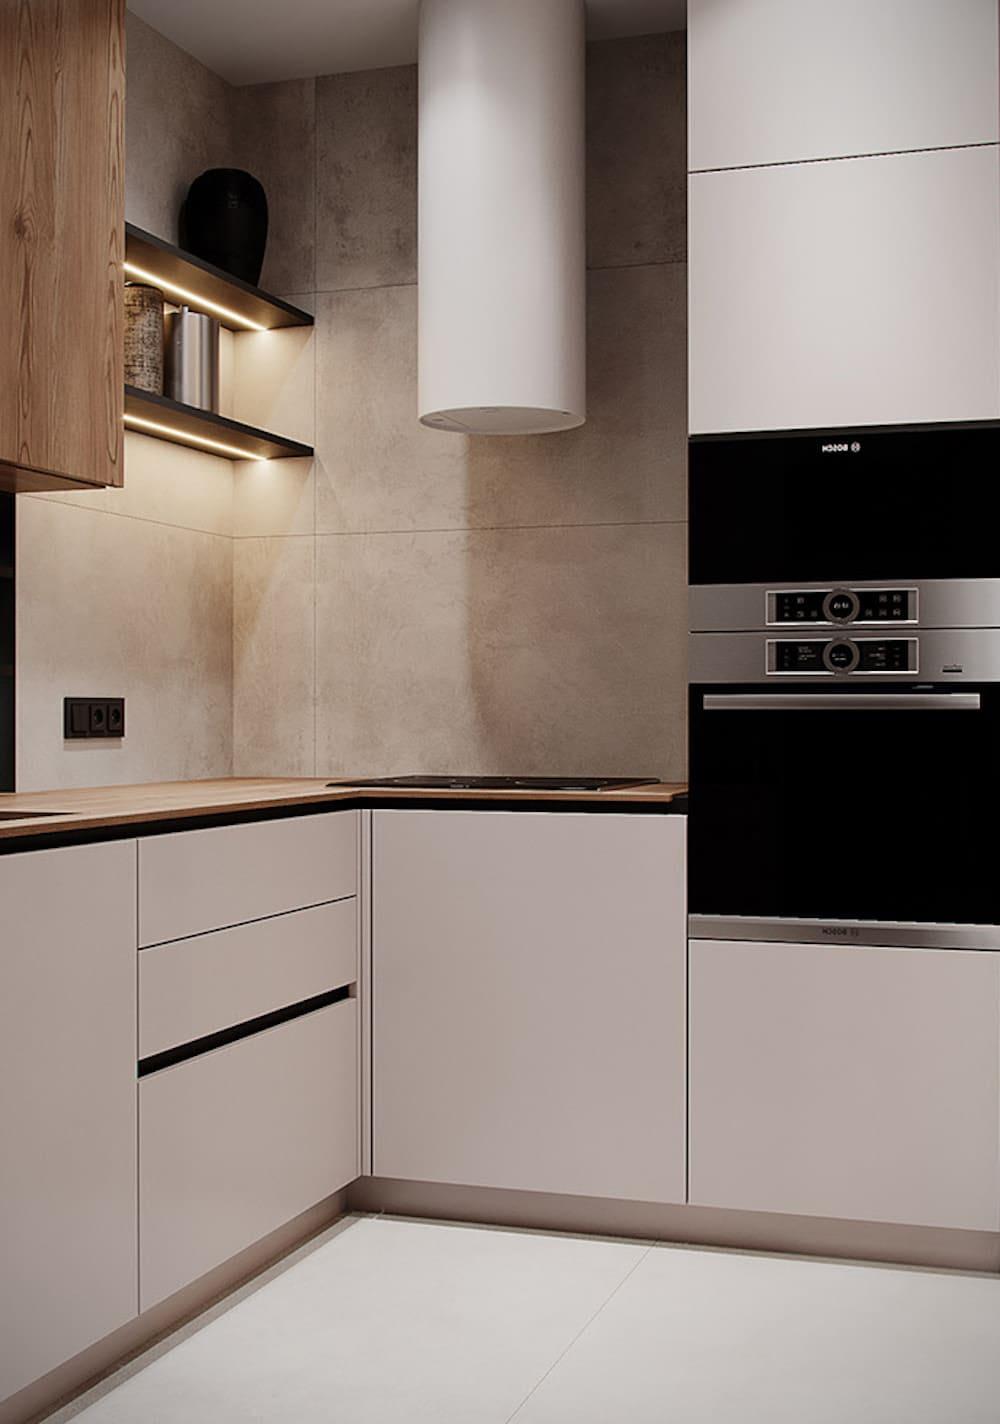 дизайн кухни в современном стиле фото 68